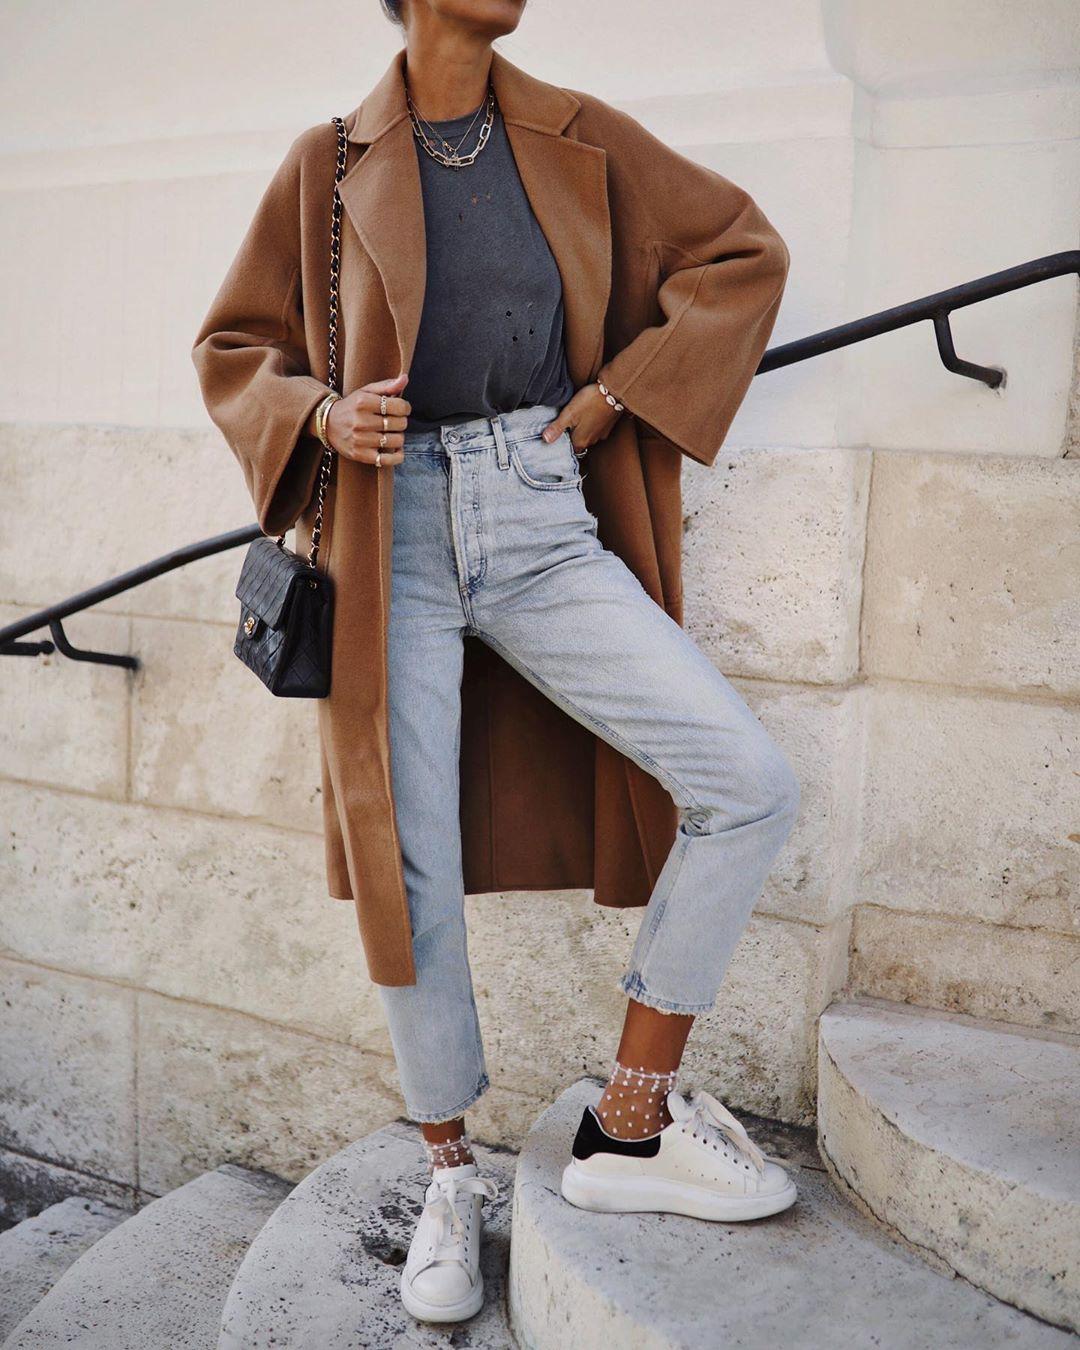 Зимние джинсы 2020 фото 3